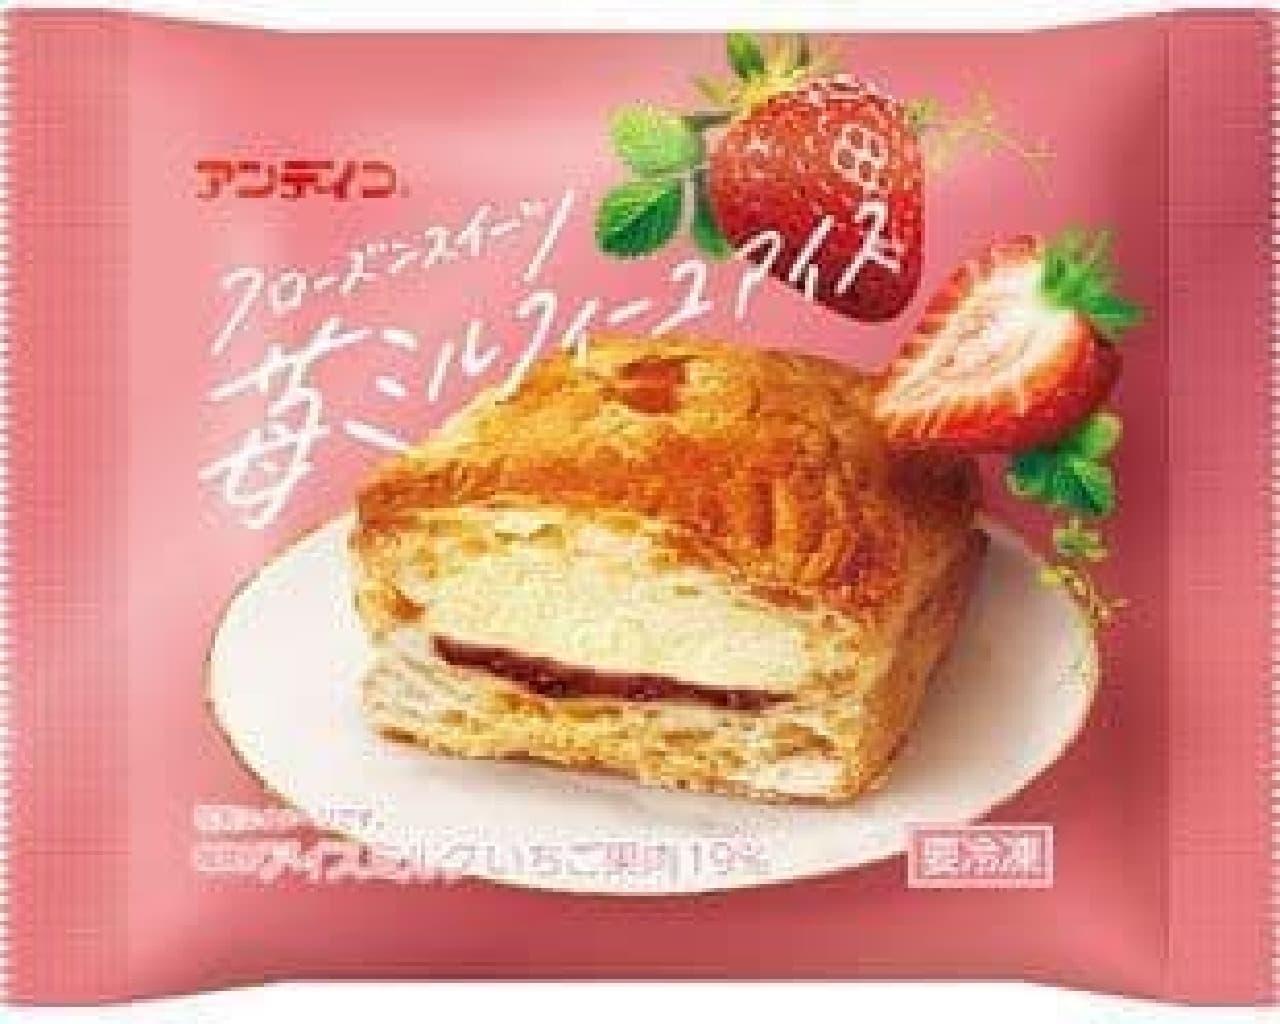 ファミリーマート「アンディコ フローズンスイーツ 苺ミルフィーユアイス」